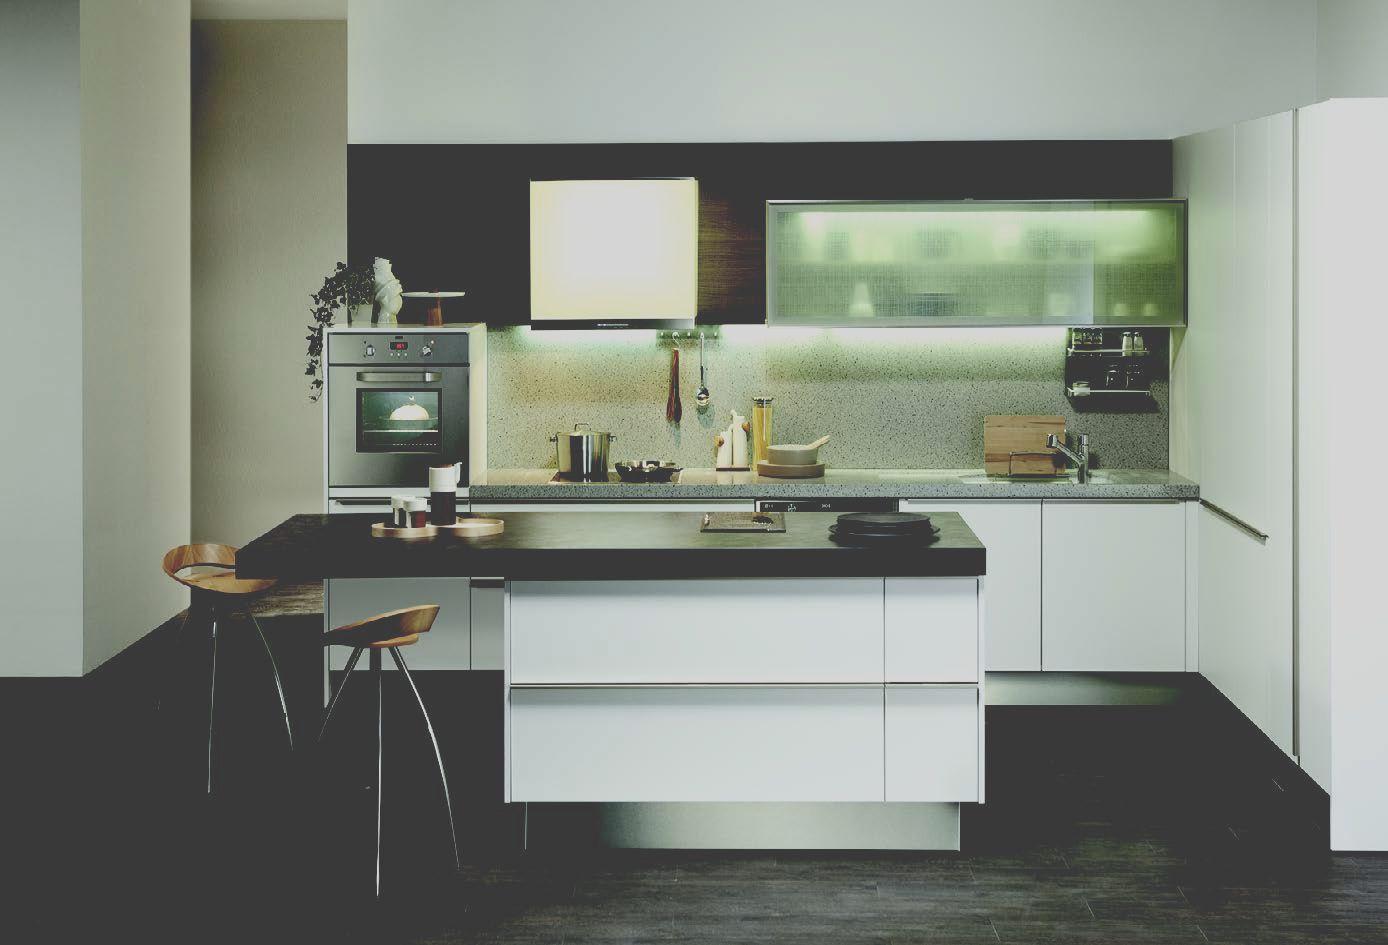 Korean Style Kitchen Design Zion Star in 6  Latest kitchen